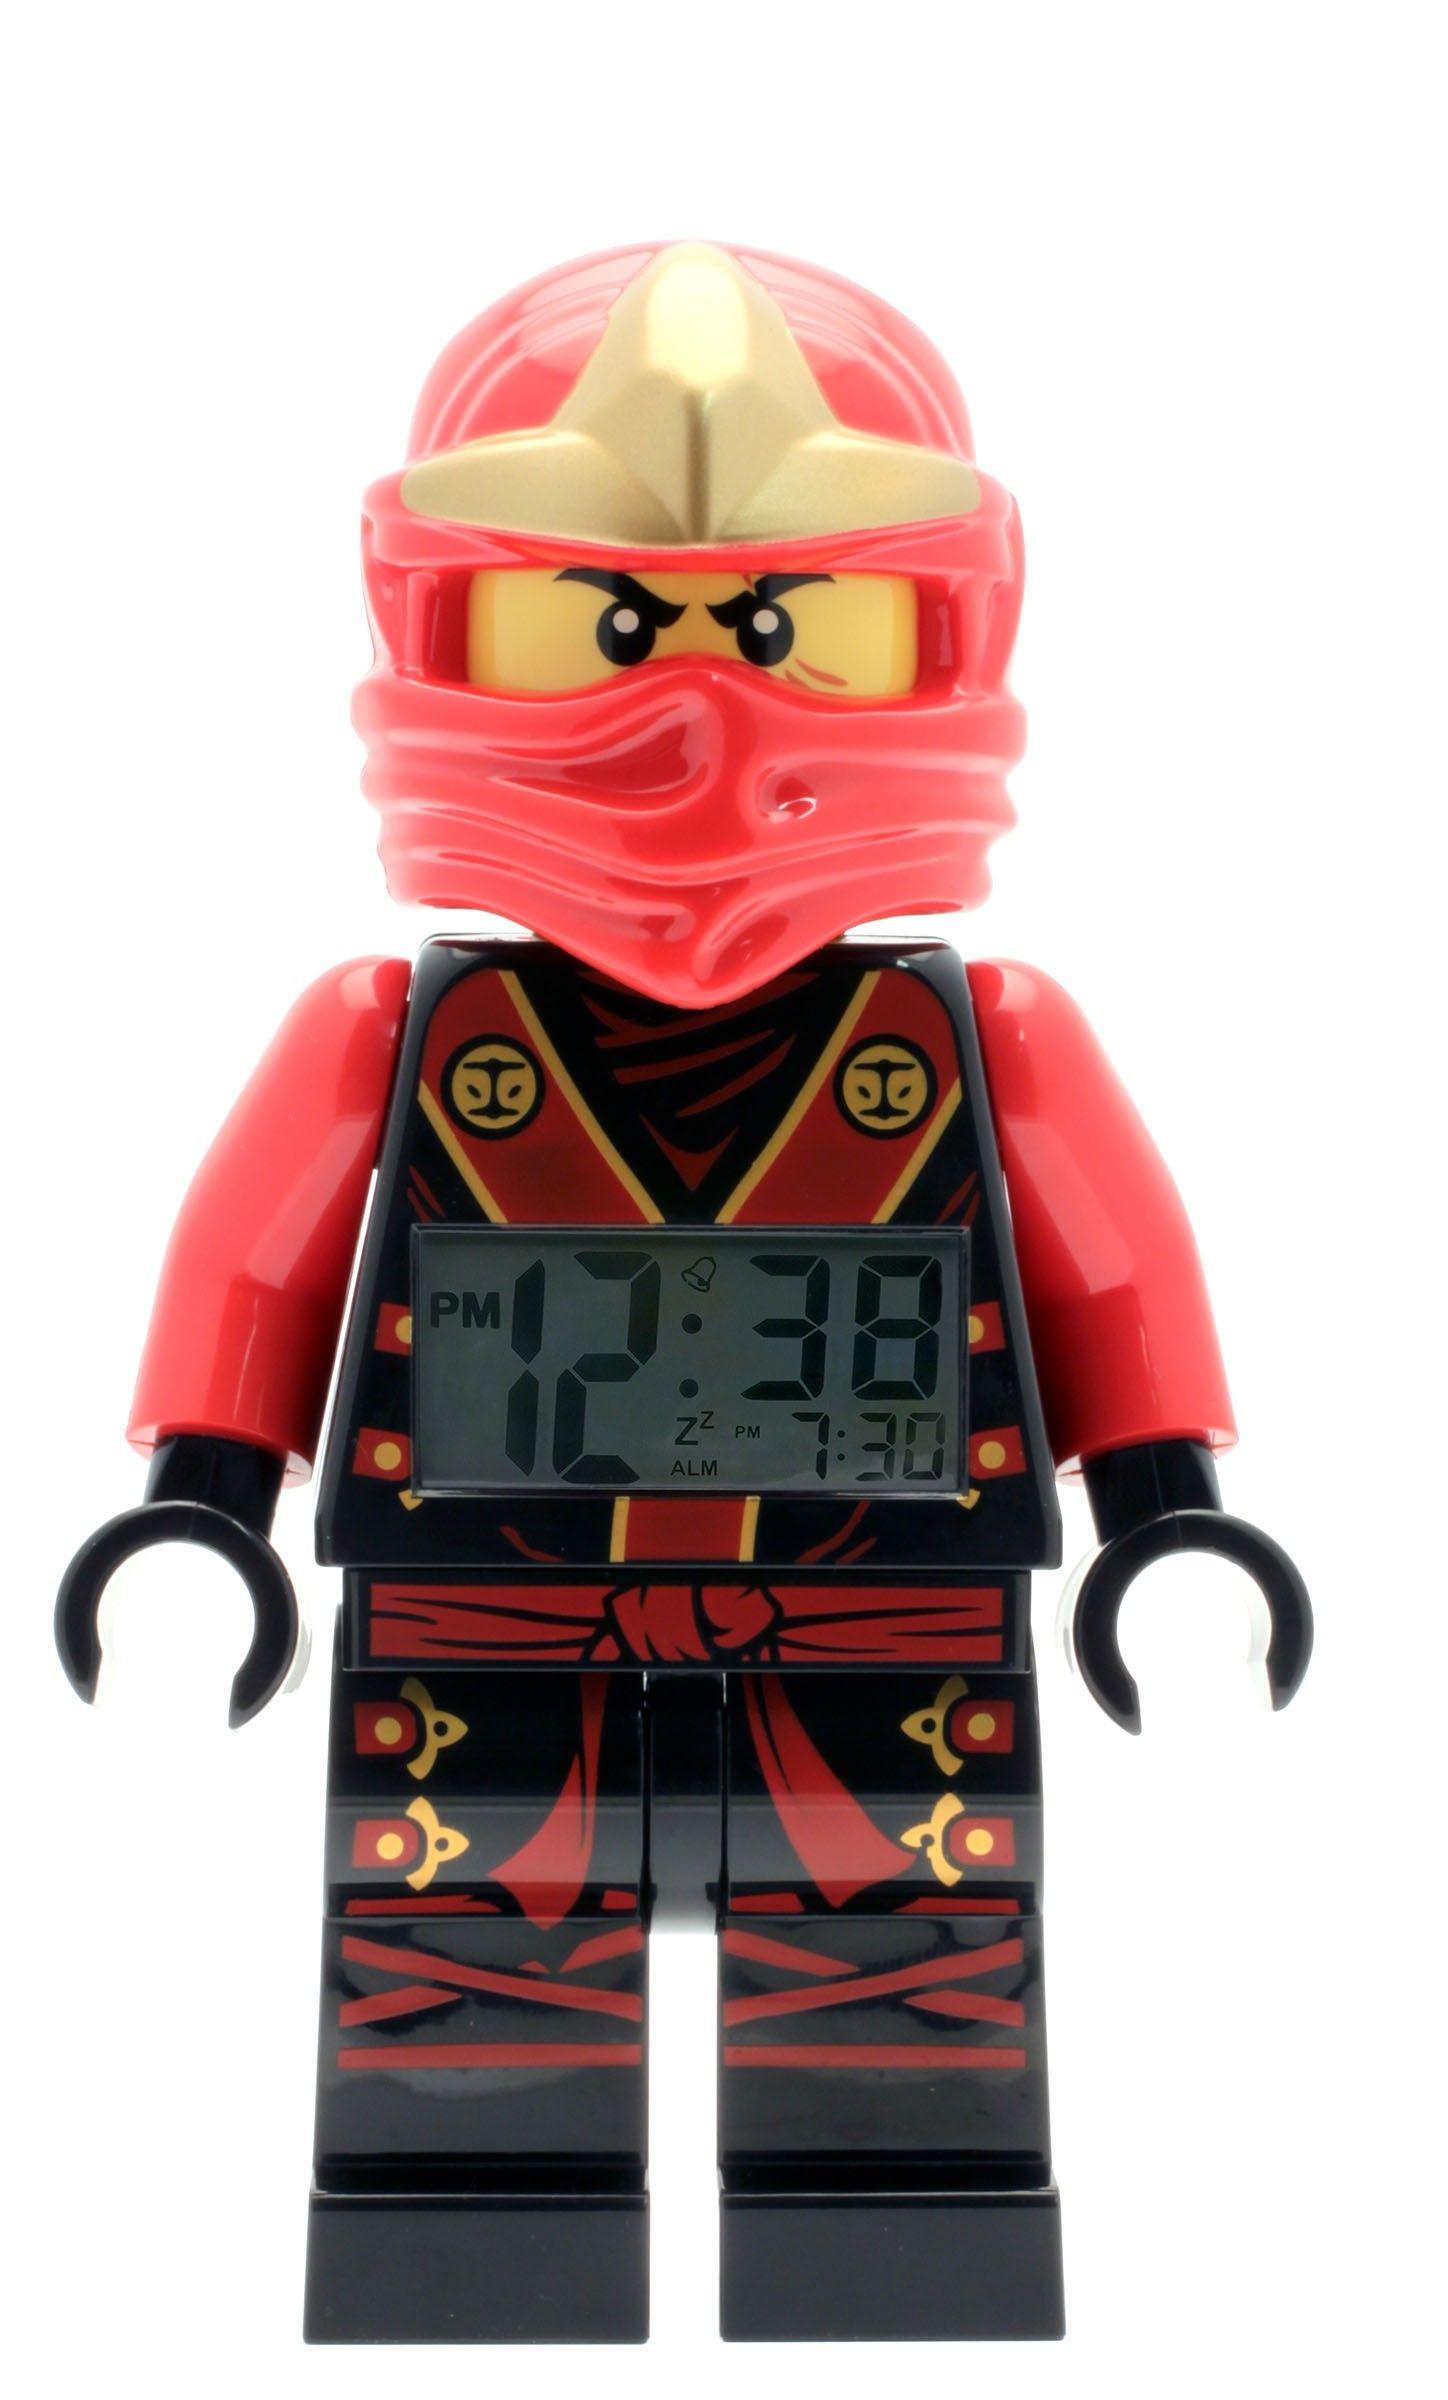 Lego ninjago kai clock lego ninjago masters of spinjitzu - Lego ninjago d or ...